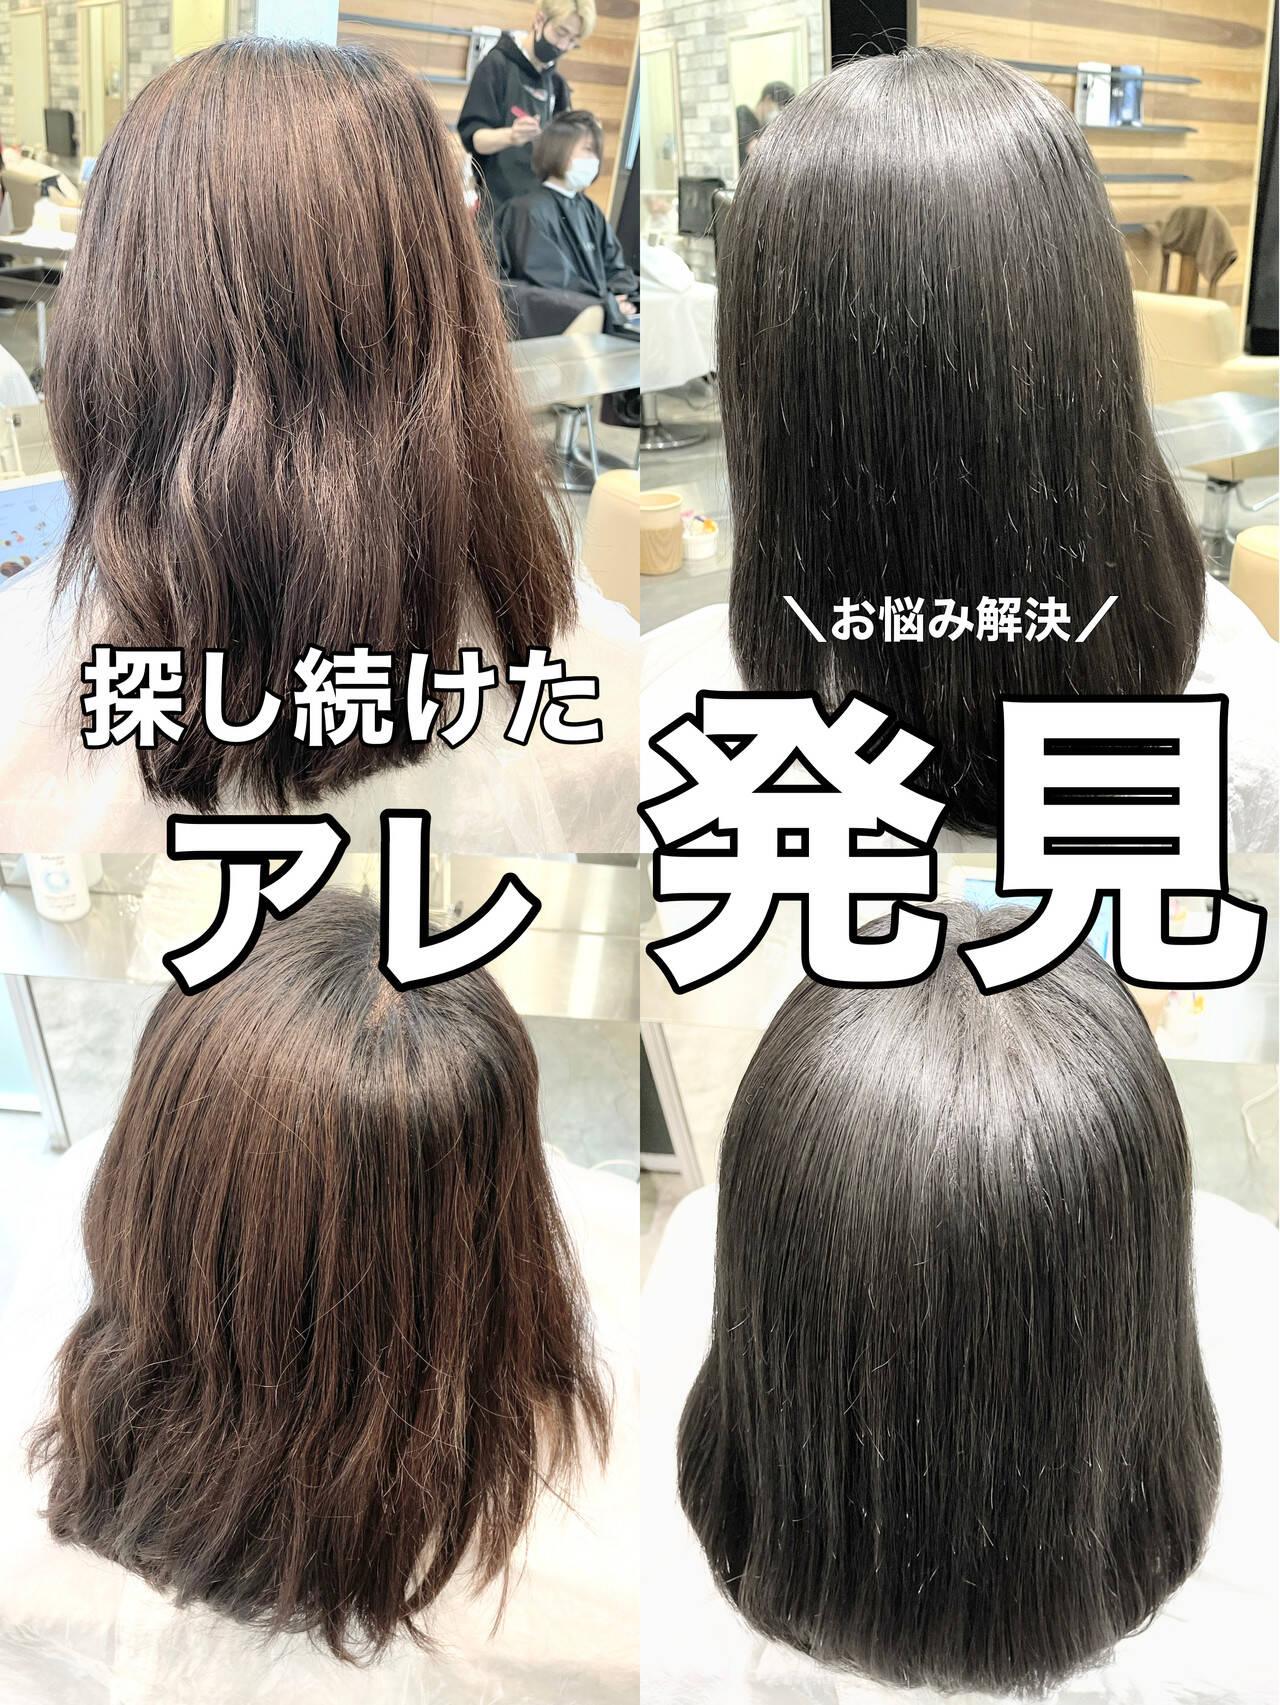 ストレート 縮毛矯正 グレージュ ナチュラルヘアスタイルや髪型の写真・画像